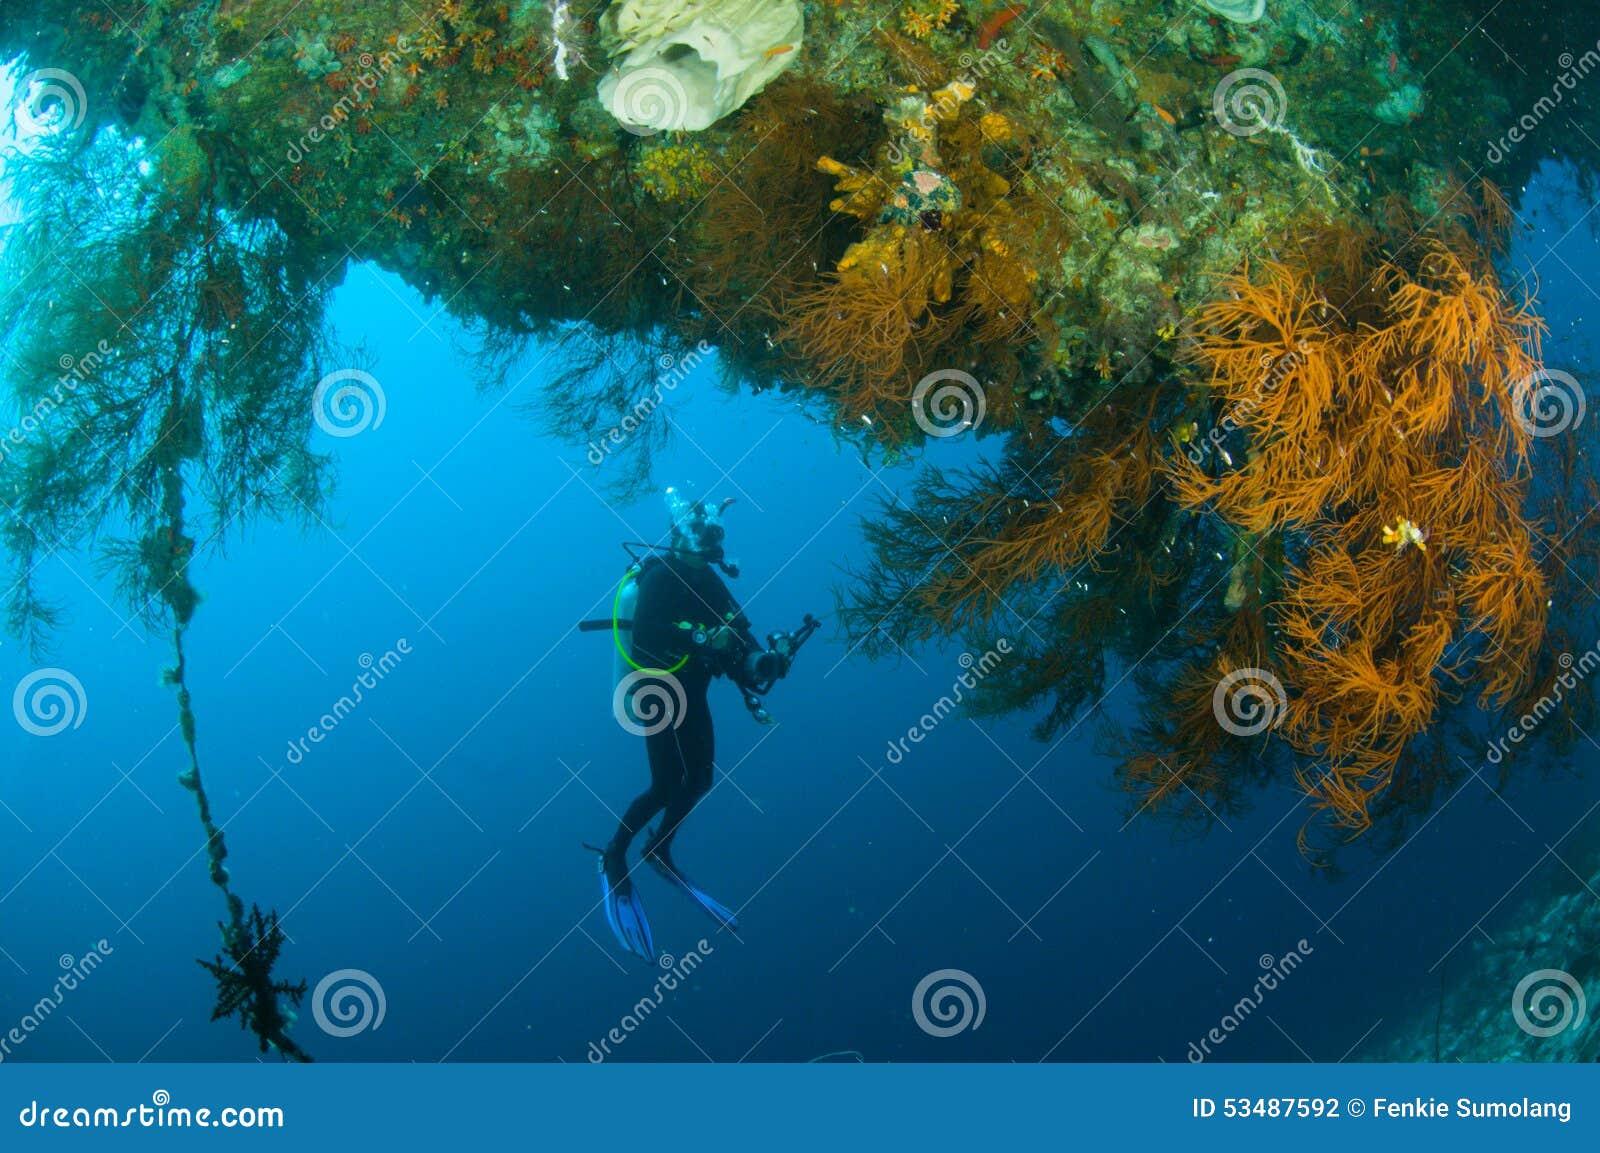 Kapoposang Sulawesi Indonesia dell operatore subacqueo di immersione con bombole subacquea